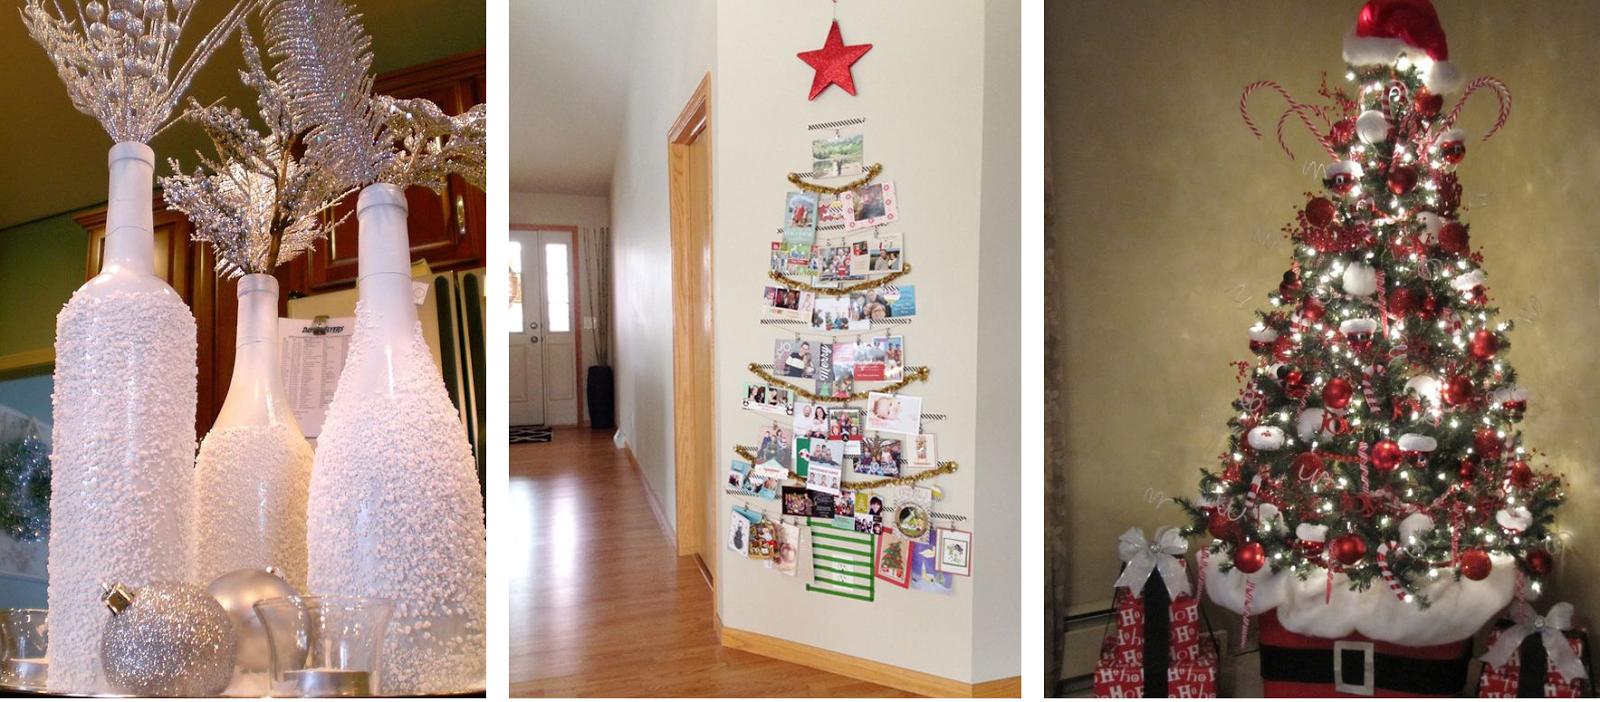 trabalhos manuais para decoracao de interiores : trabalhos manuais para decoracao de interiores: . Pode ser feito de feltro por quem gosta de trabalhos manuais